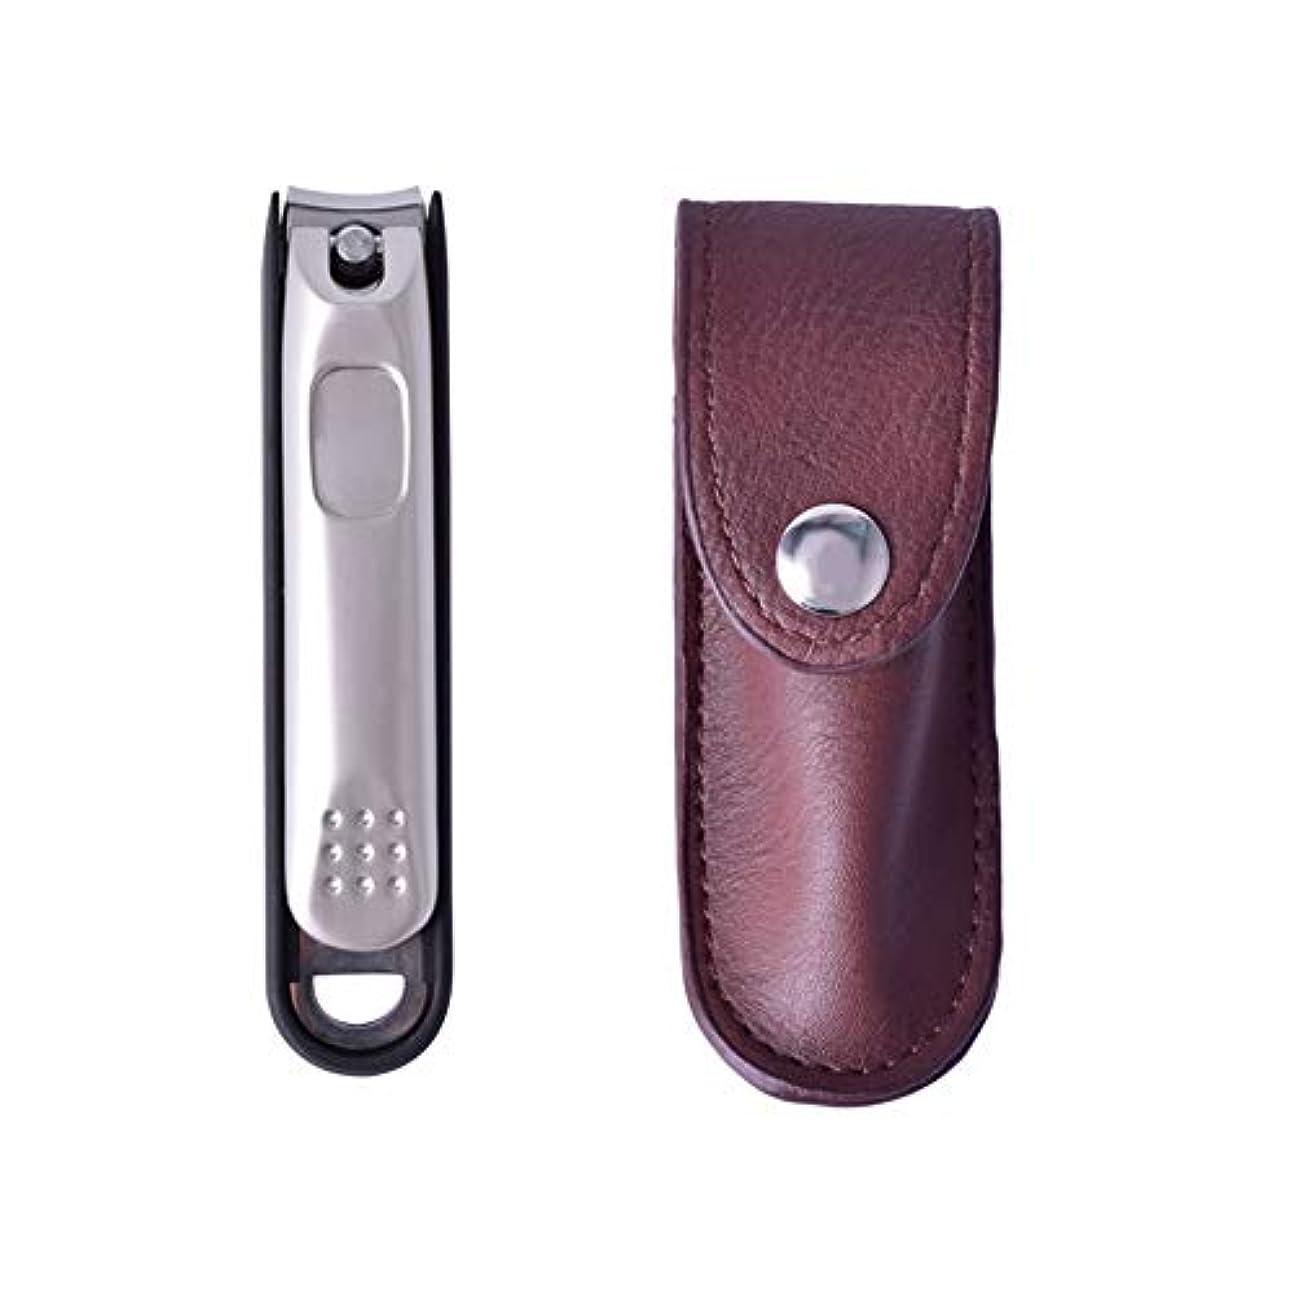 りファイル可能性LITI 爪切り 飛び散り防止 ステンレス製 手足はがね 切れ味が良い 握りやすい コンパクト 巻き爪/硬い爪/甘皮に最適 男女兼用